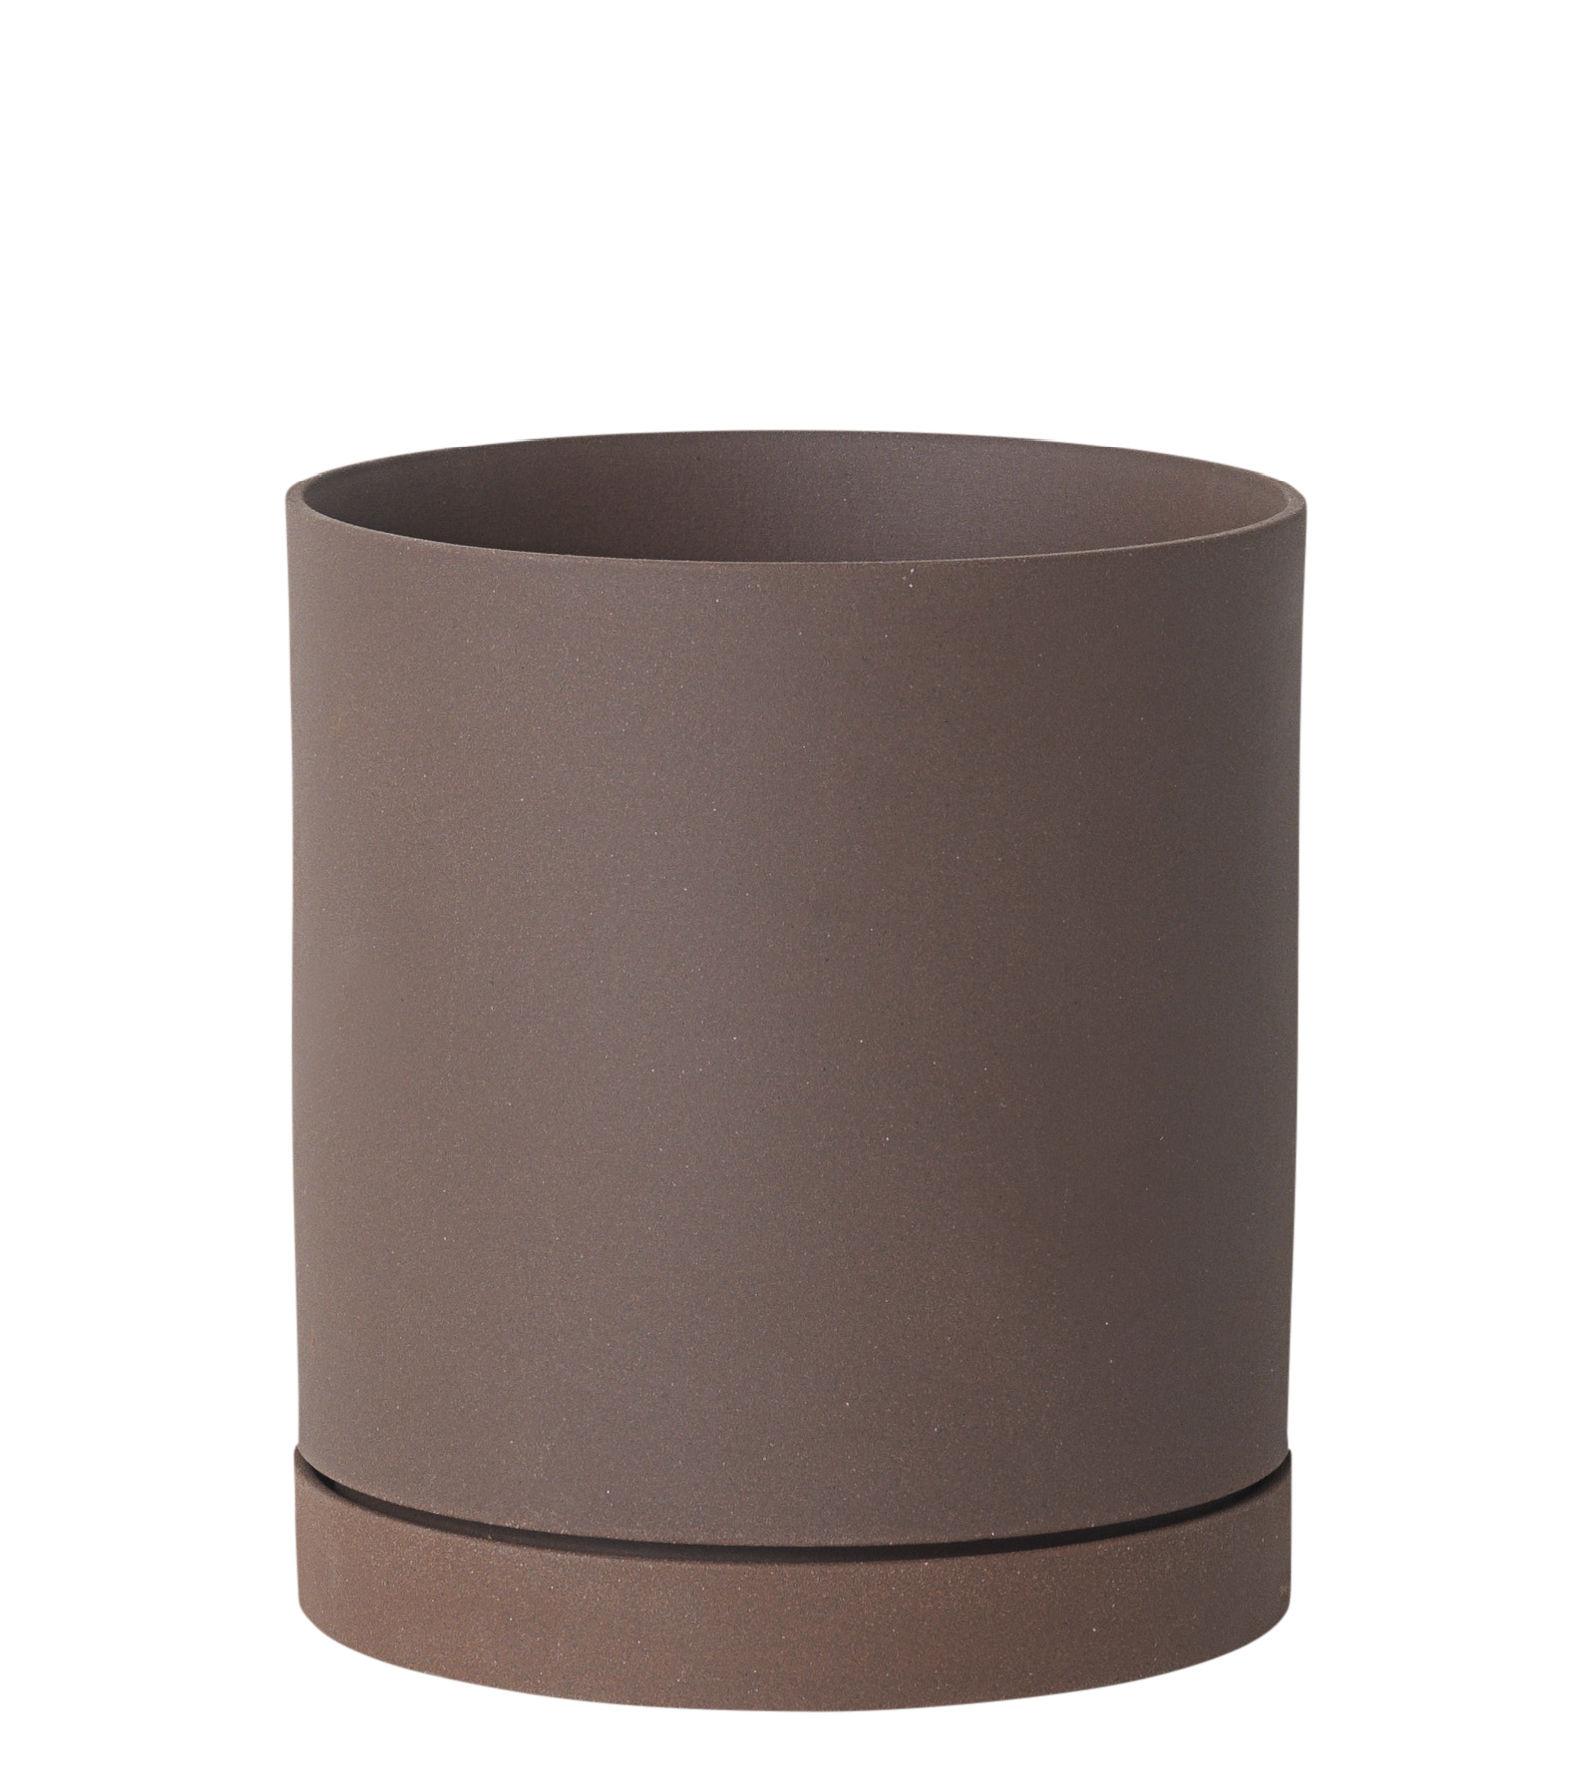 Outdoor - Vasi e Piante - Vaso per fiori Sekki Large - / Ø 15,7 x H 17,7 cm - Gres di Ferm Living - Ruggine - Gres